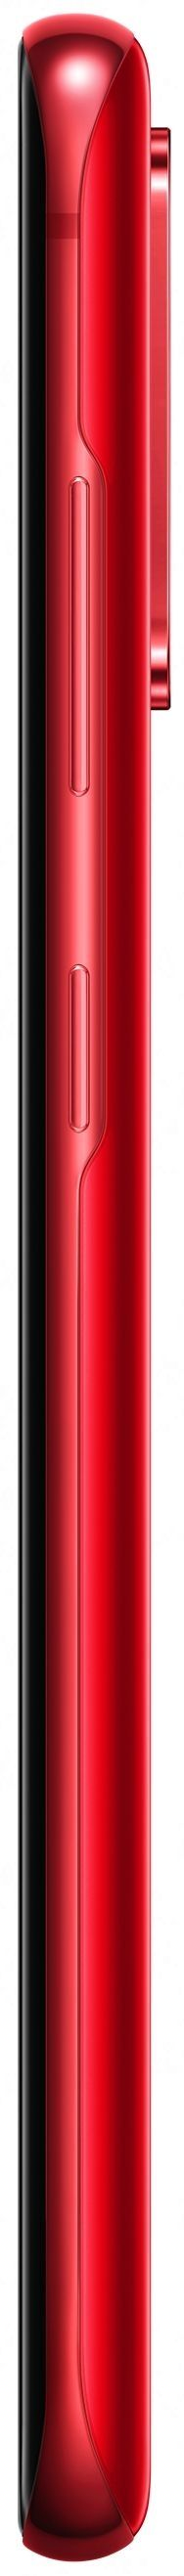 Смартфон Samsung Galaxy S20 (SM-G980FZRDSEK) Red от Територія твоєї техніки - 3